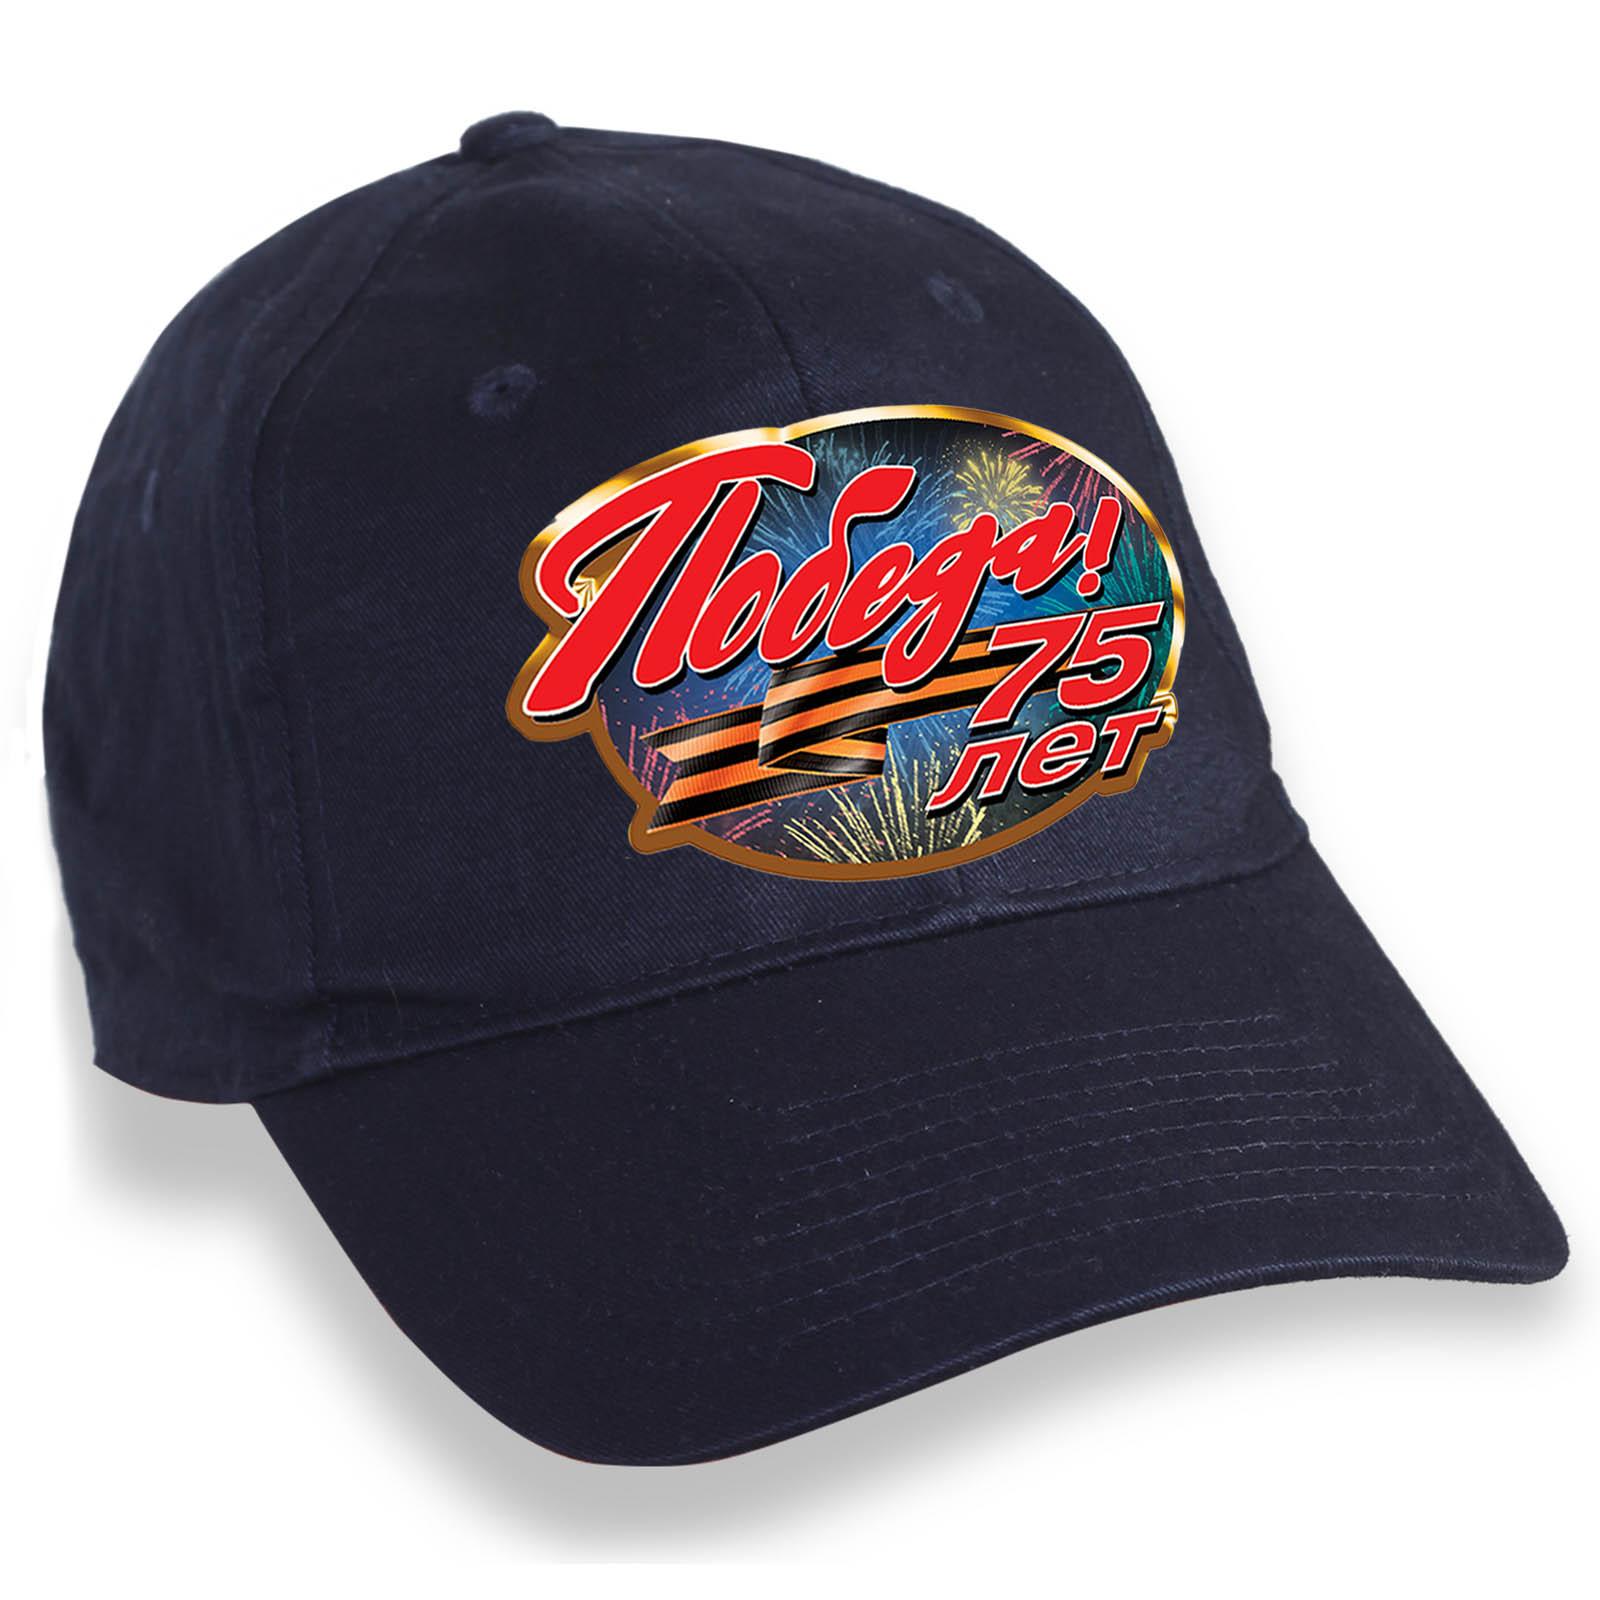 Темно-синяя кепка для массовых мероприятий на День Победы